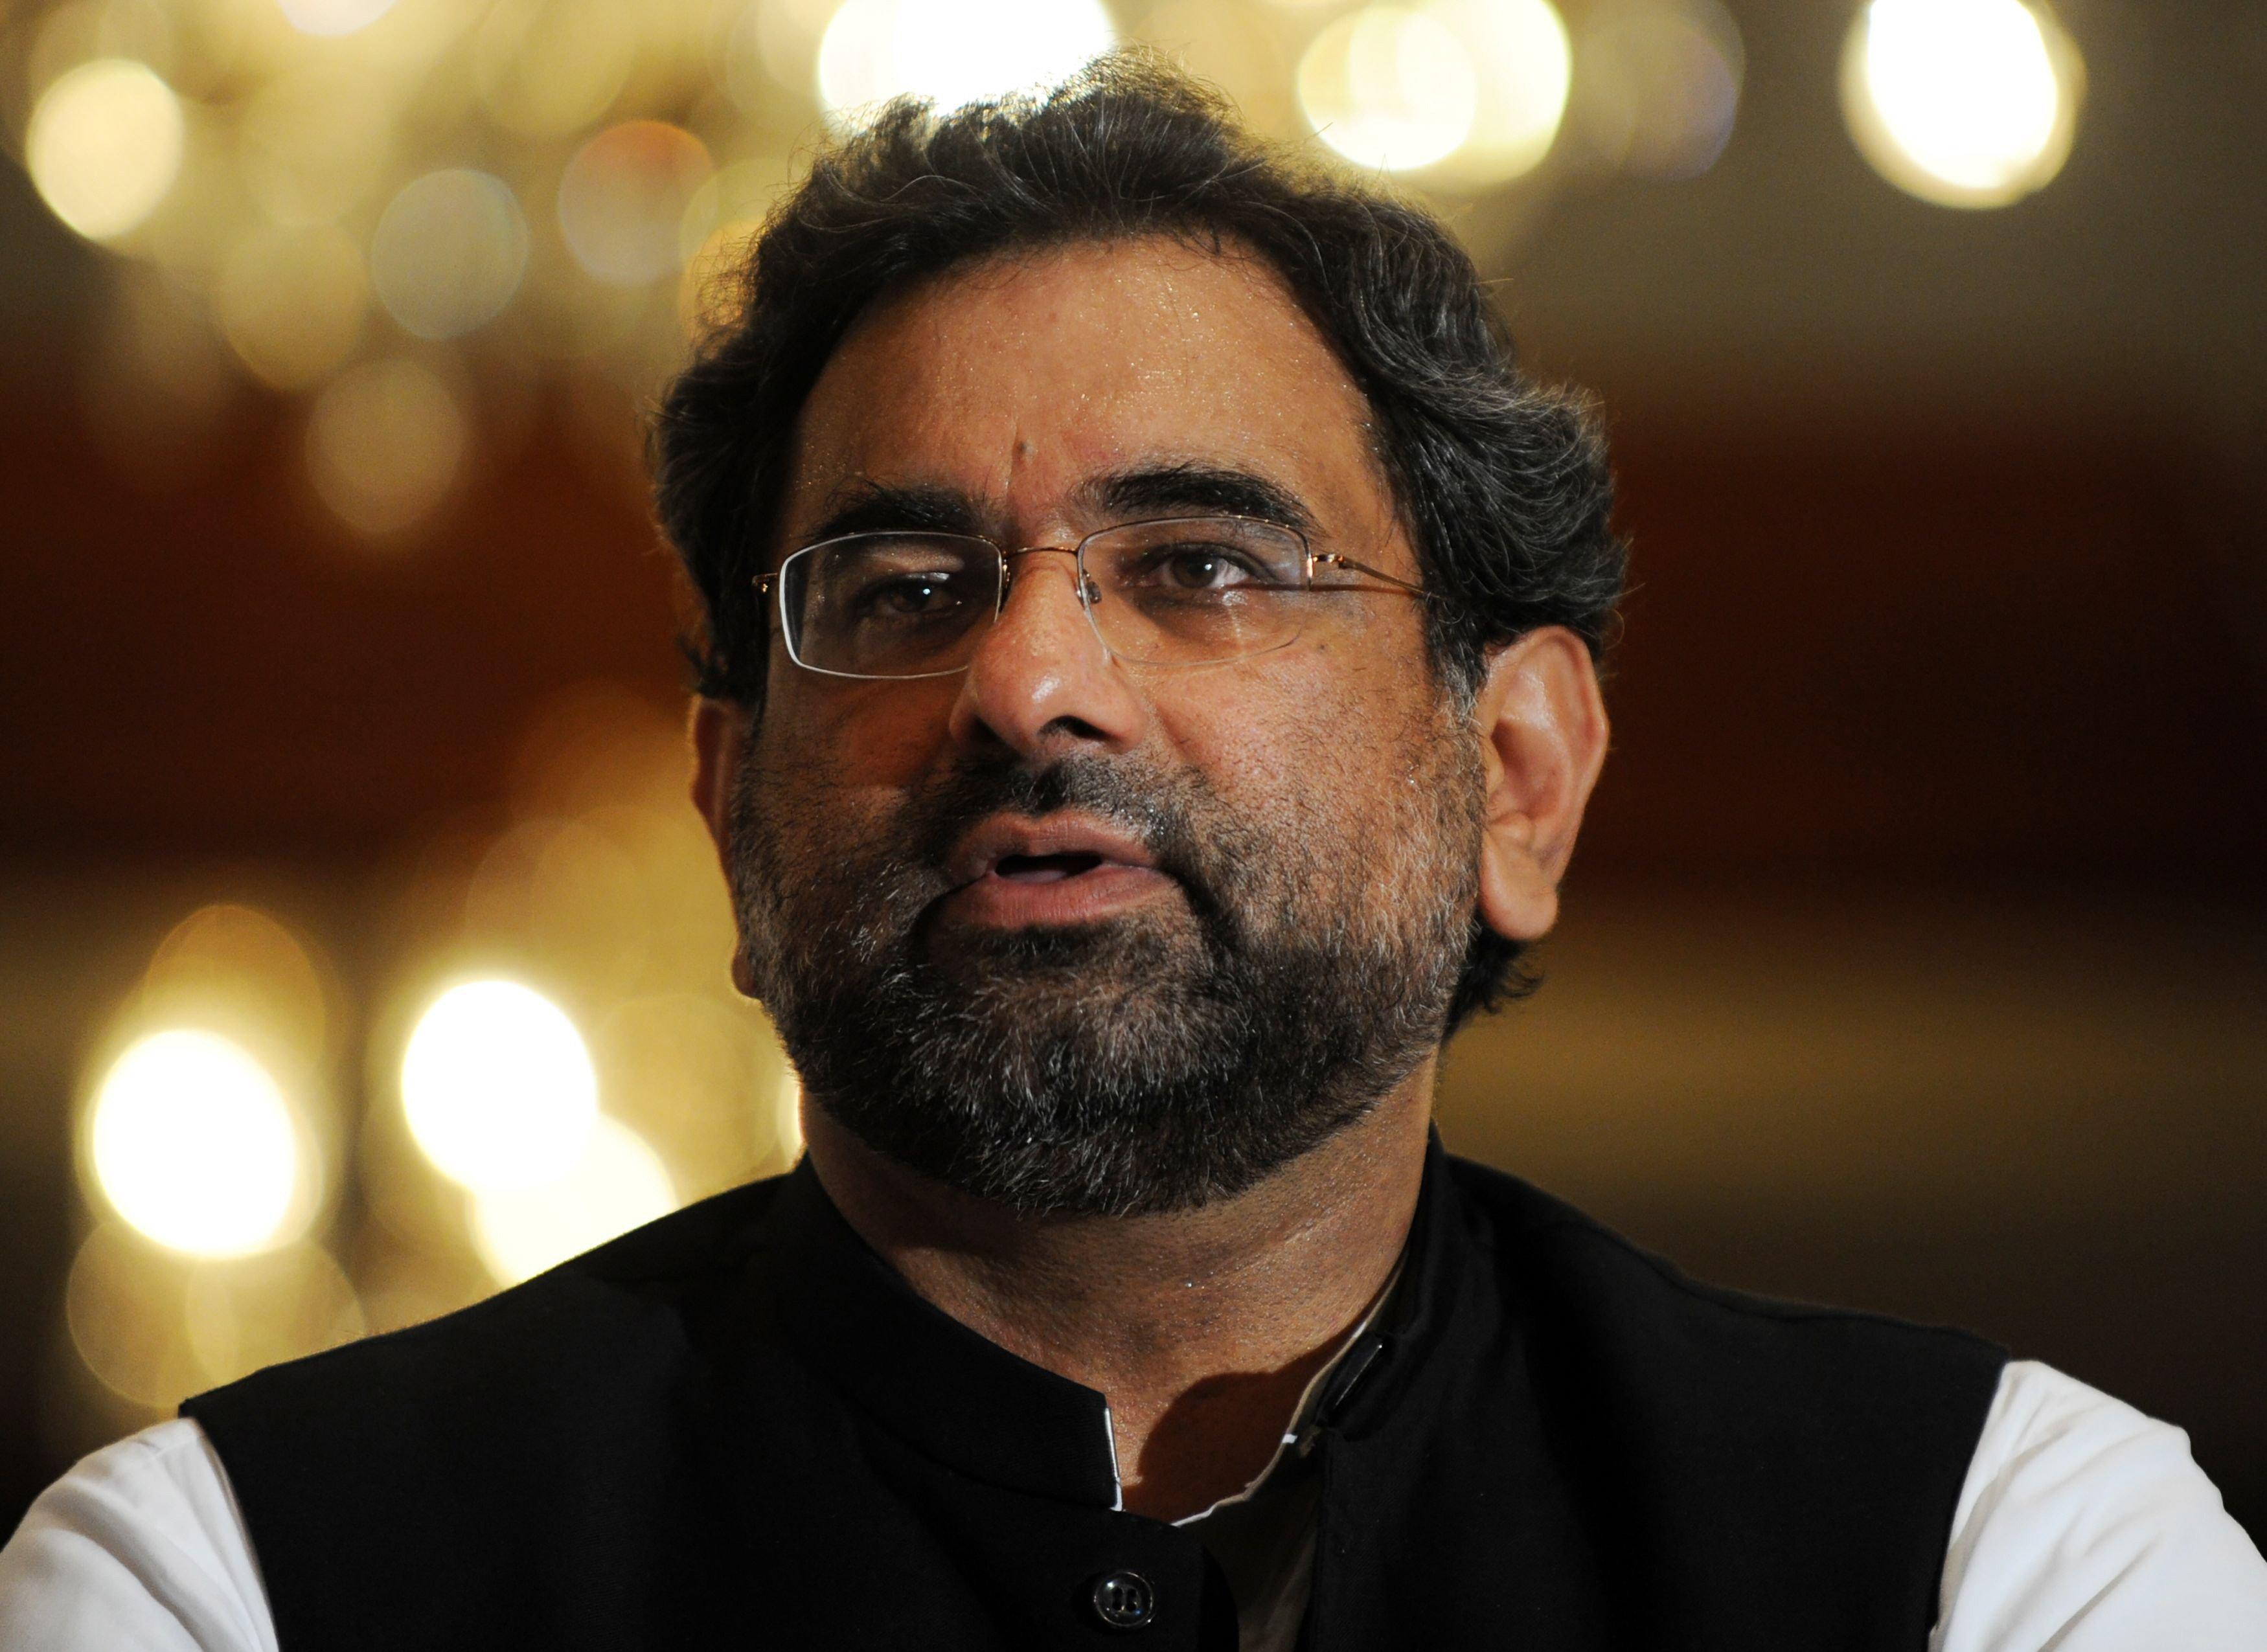 Former PM Shahid Khaqan Abbasi. PHOTO: AFP